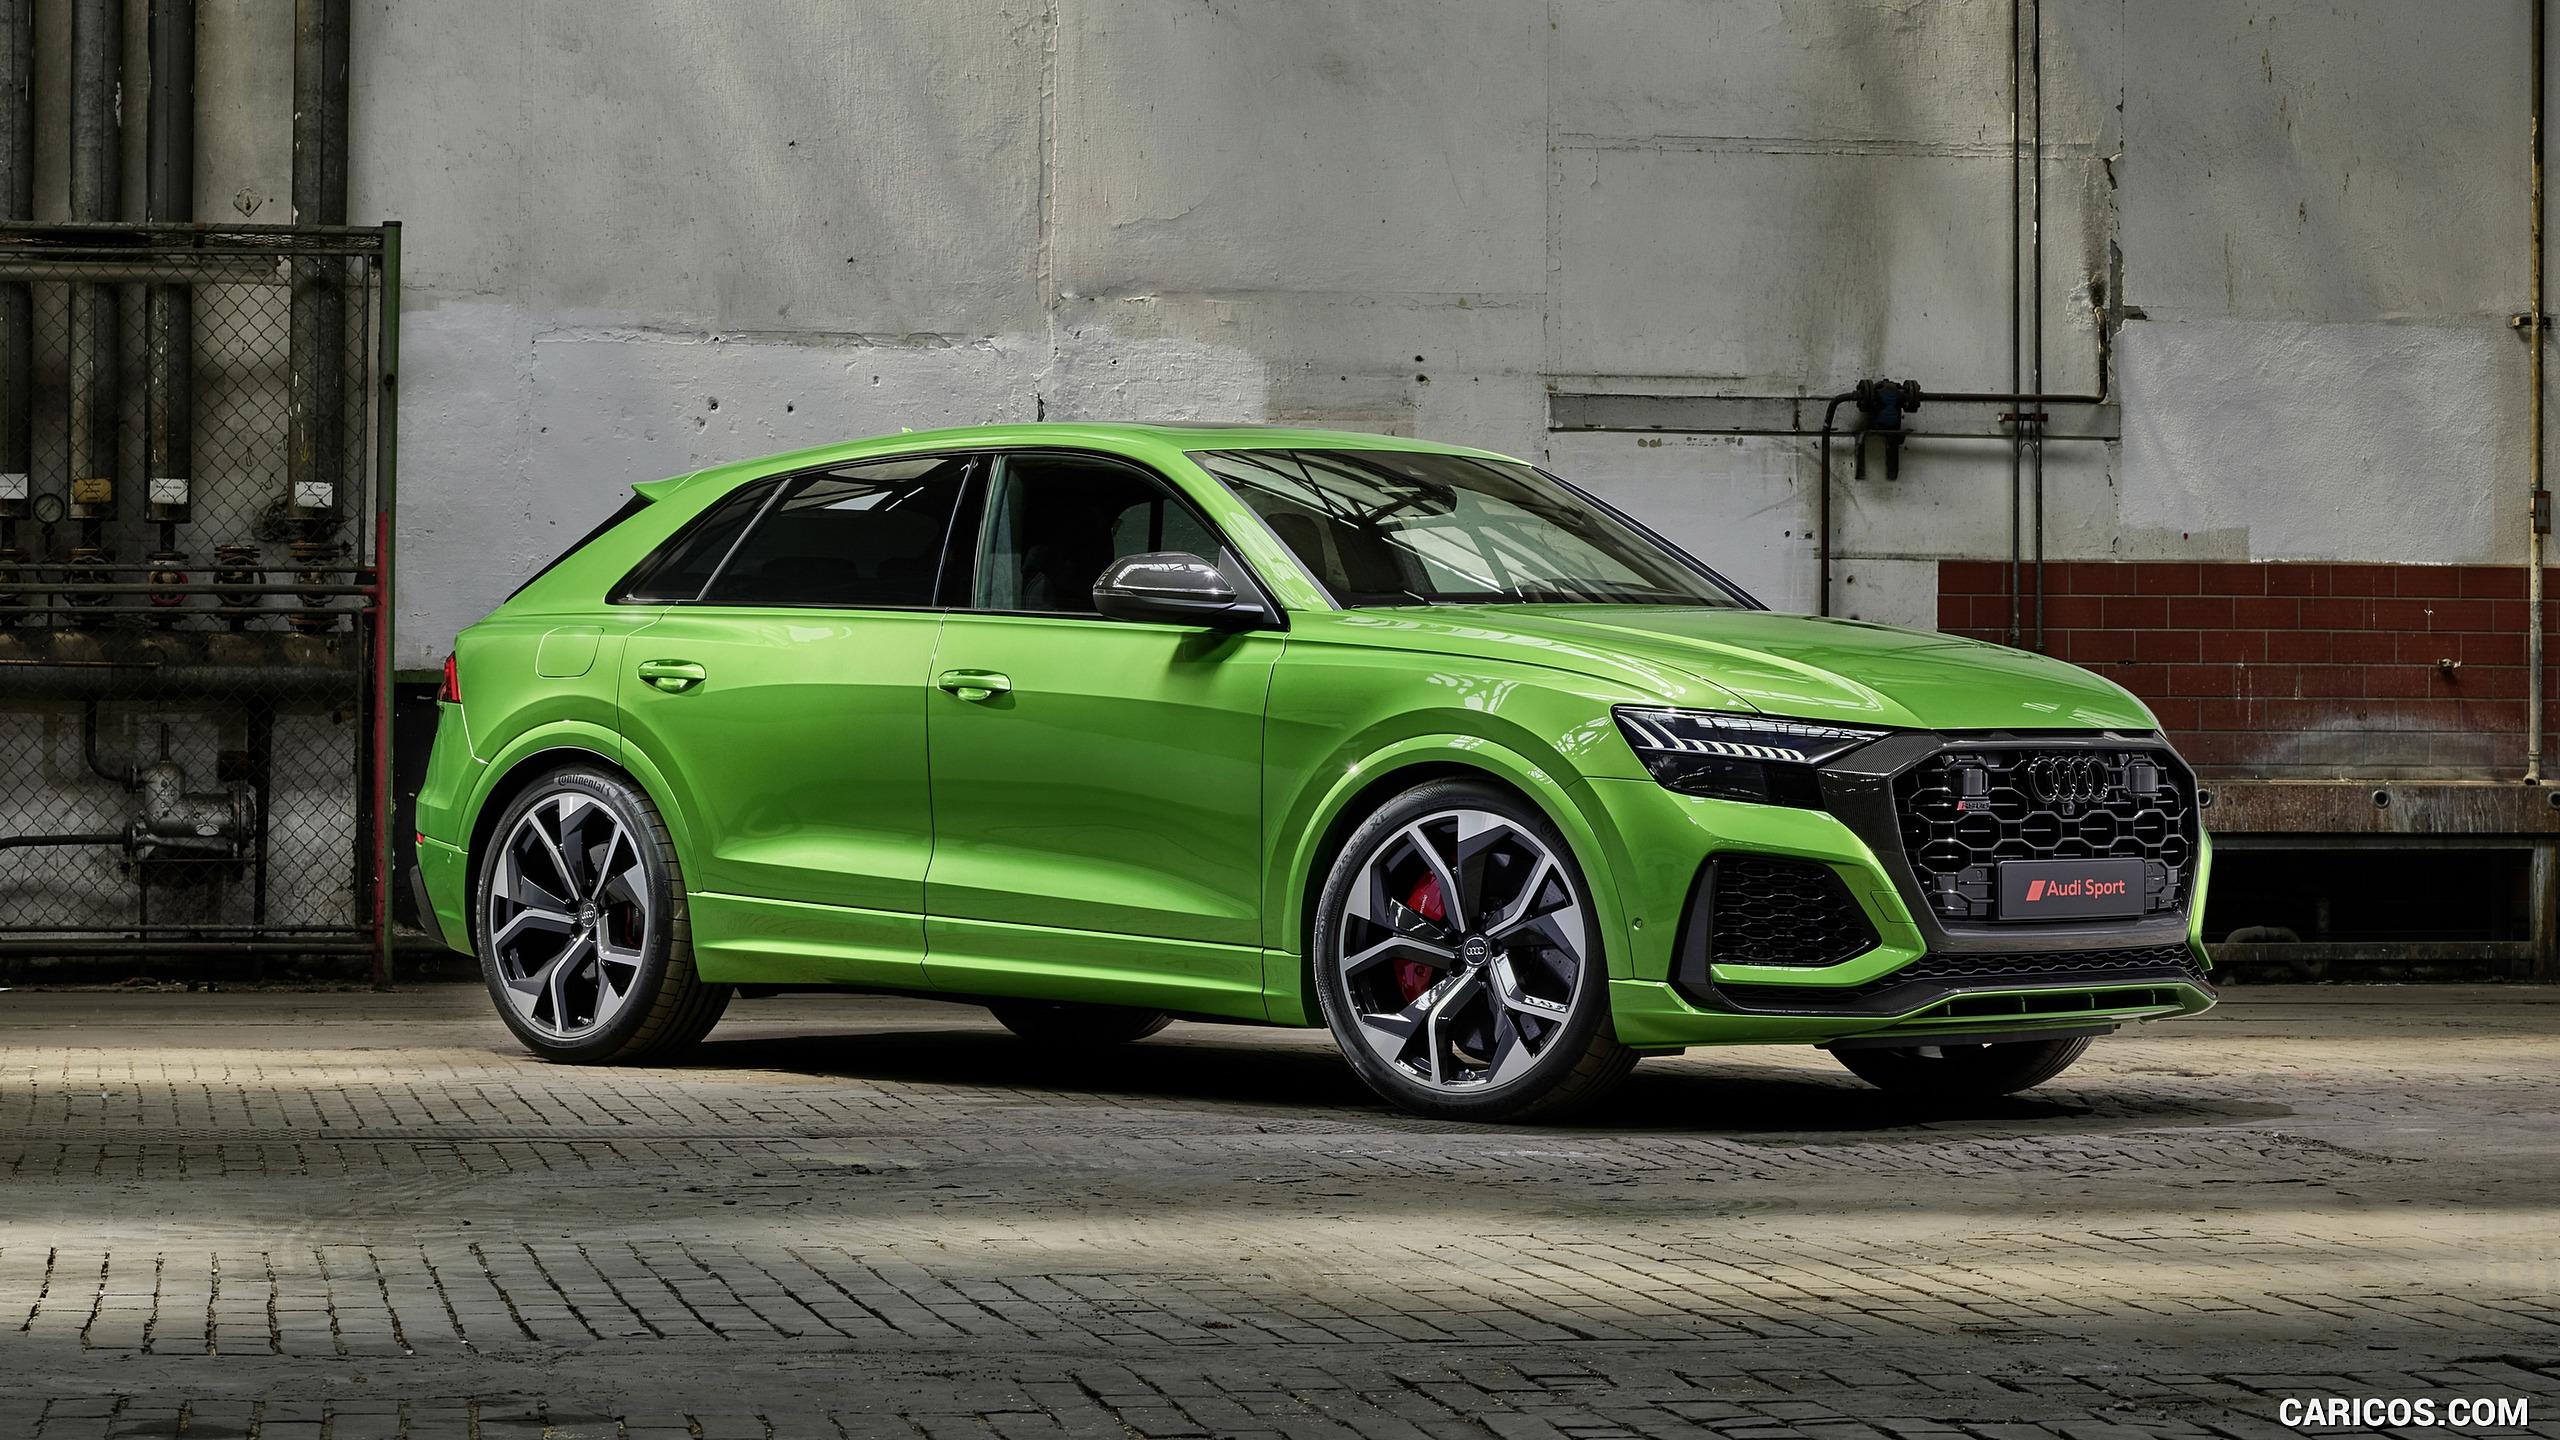 2020 Audi RS Q8   Front Three Quarter HD Wallpaper 5 2560x1440